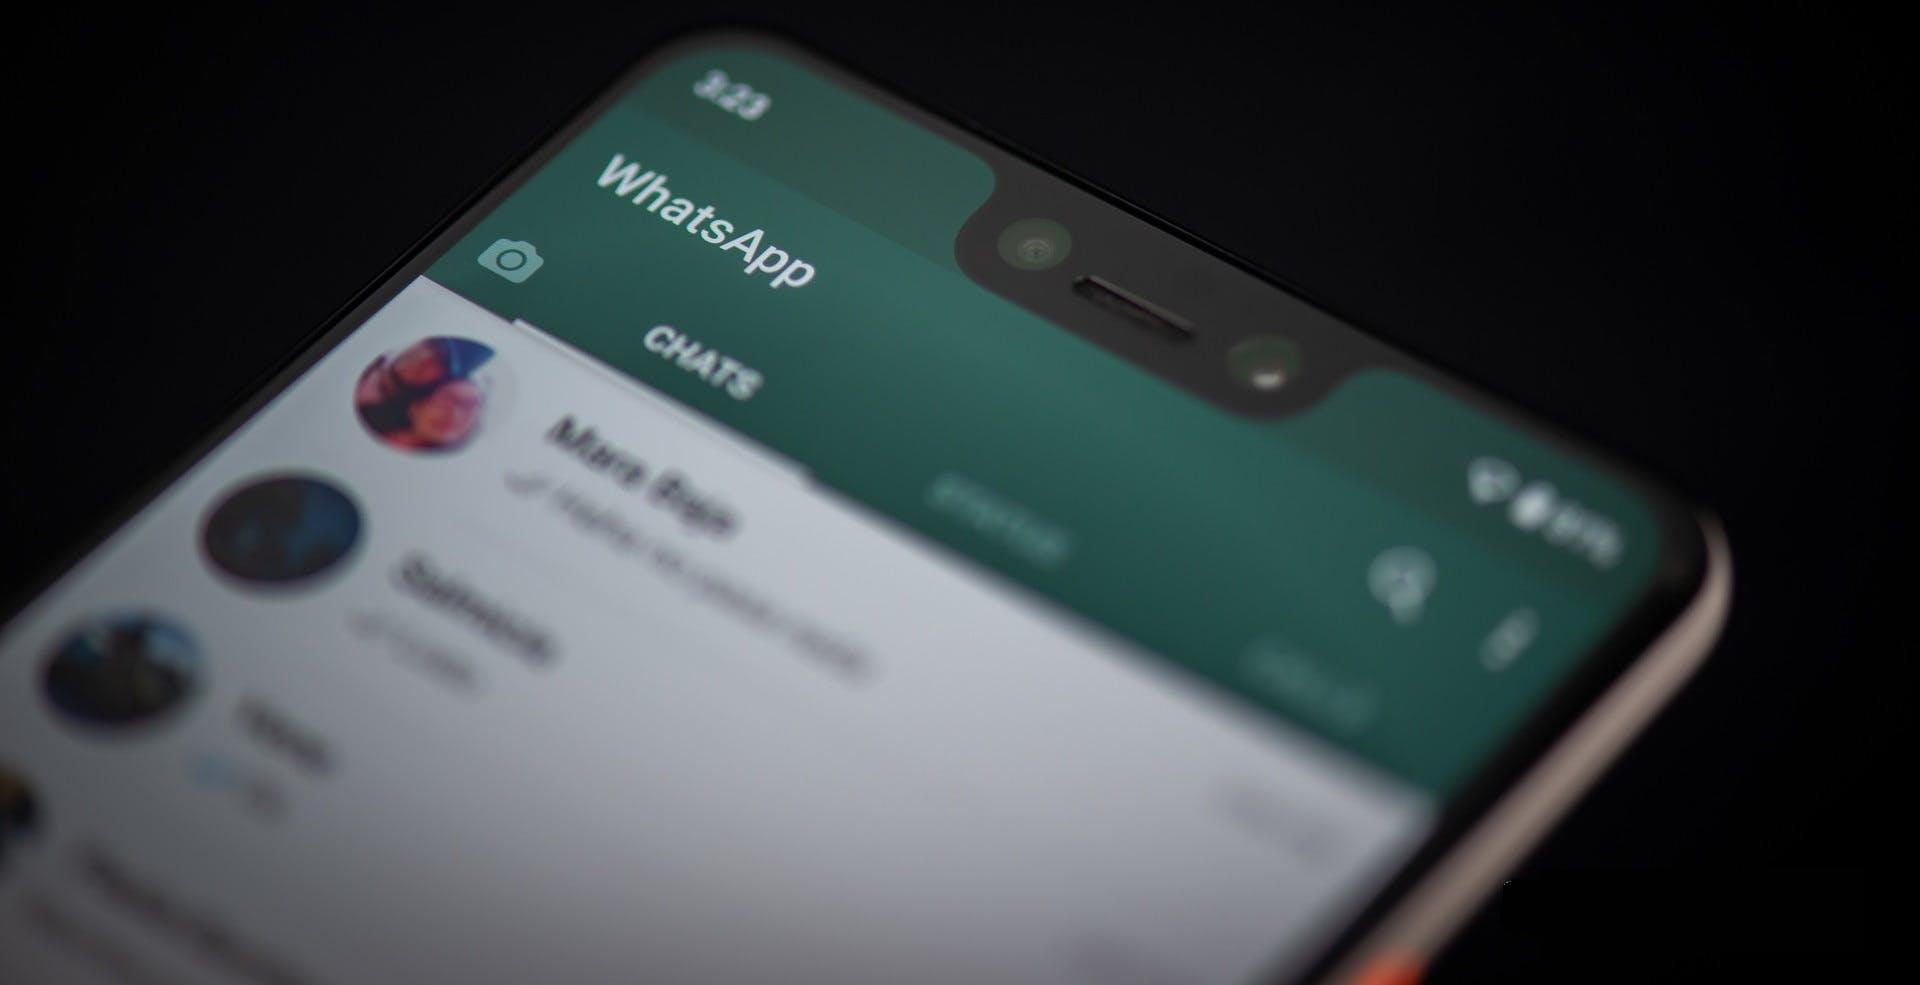 WhatsApp, arrivano i messaggi effimeri: dopo 7 giorni si cancellano da soli